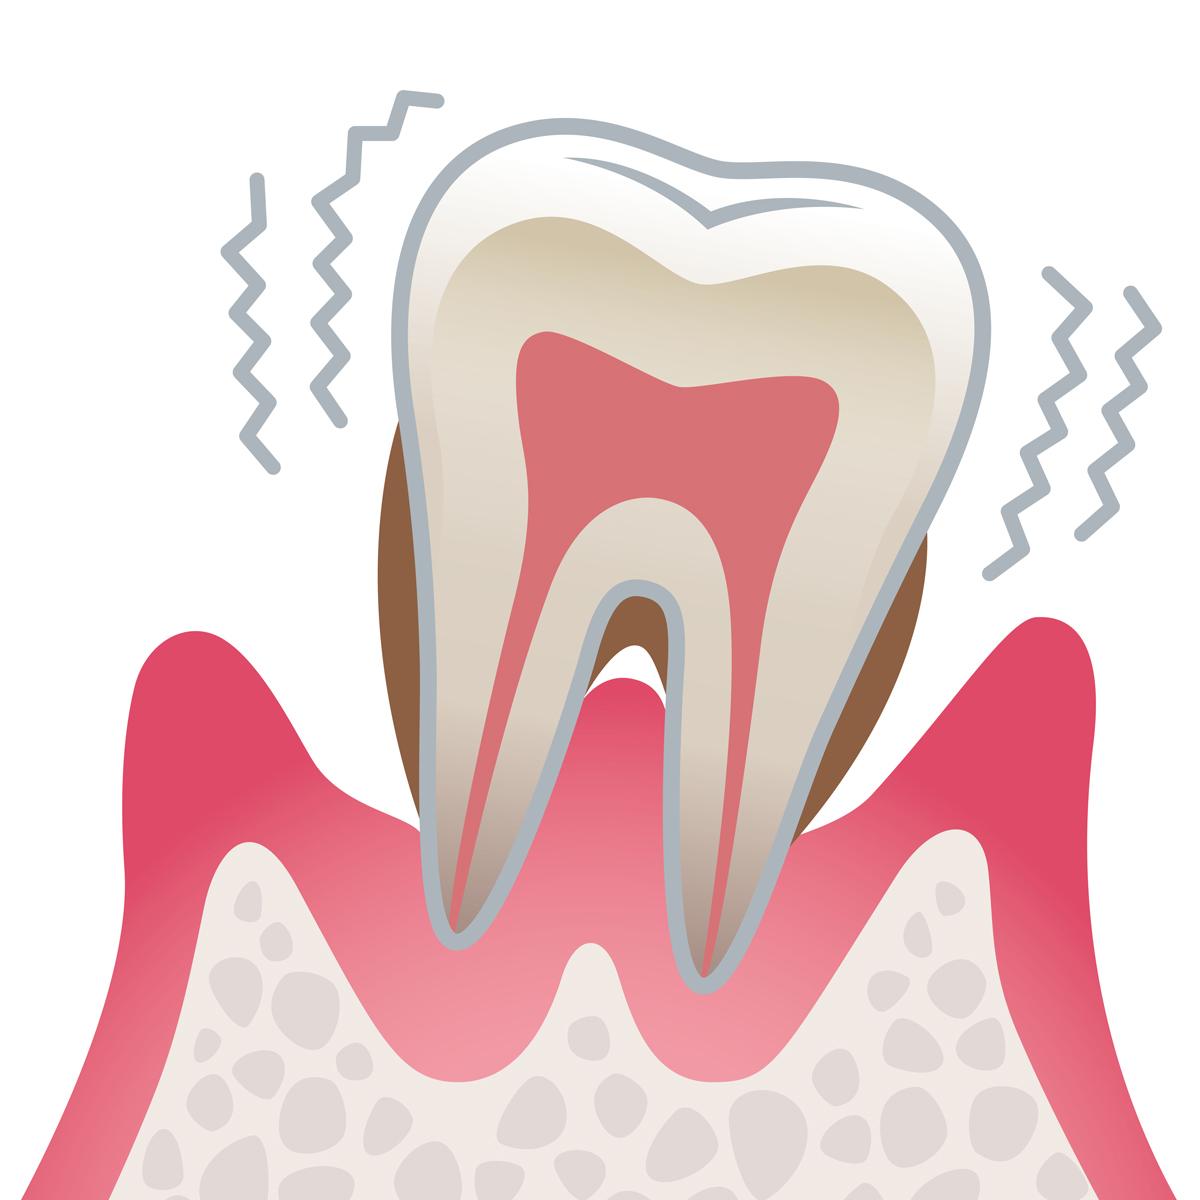 岡山県岡山市北区の歯医者 たんじフレンド歯科 歯周病 重度歯周病